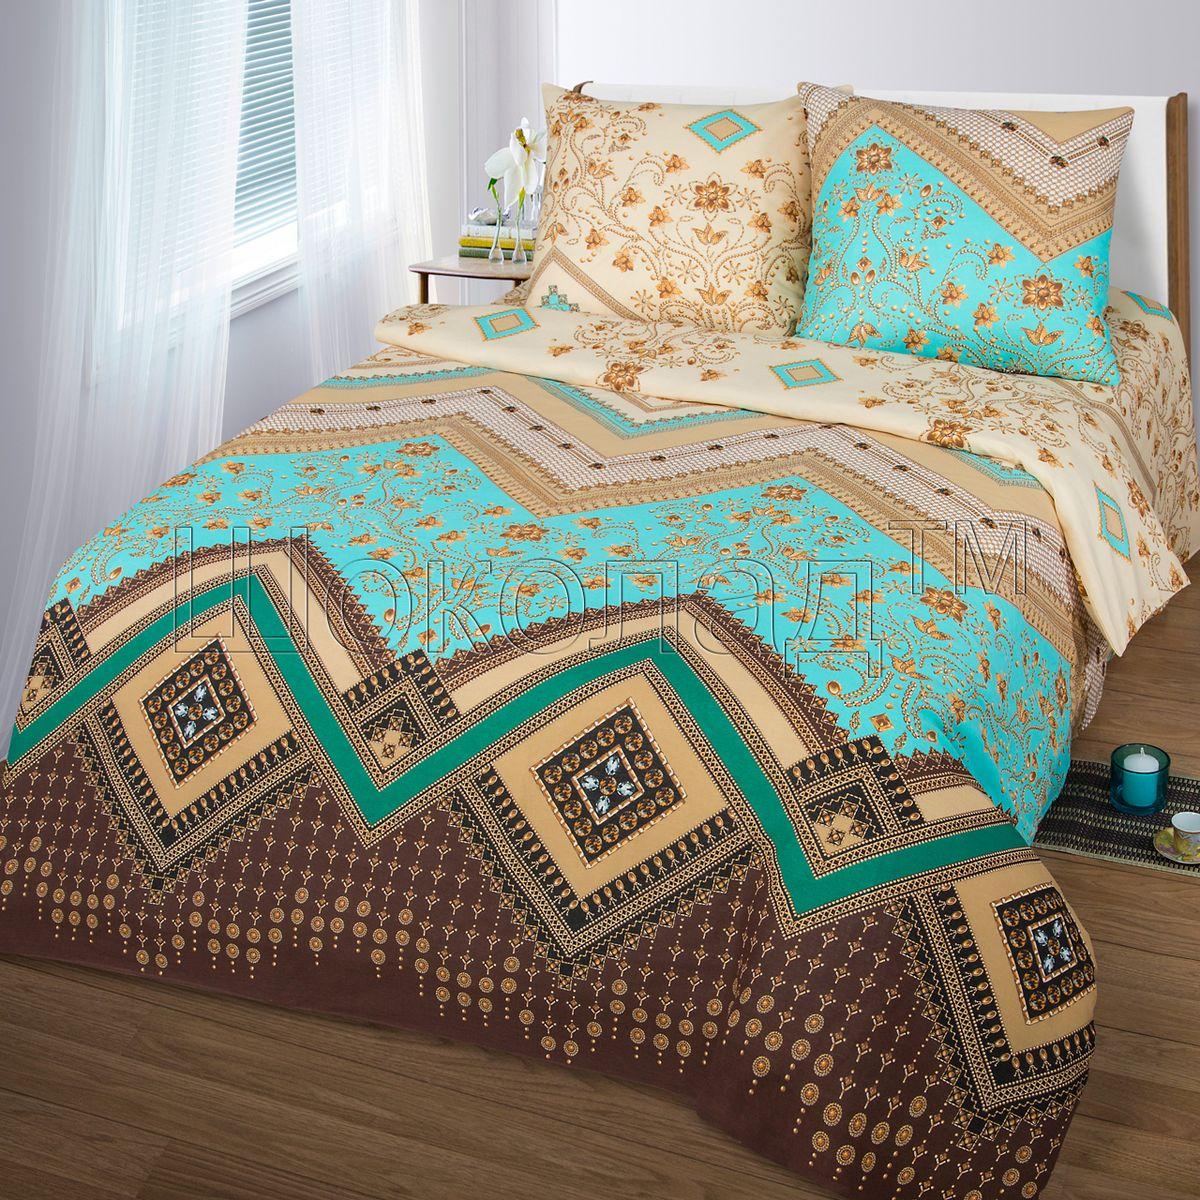 Комплект белья Шоколад Ривьера, 2-спальный, наволочки 70x70. Б104Б104Комплект постельного белья Шоколад Ривьера является экологически безопасным для всей семьи, так как выполнен из натурального хлопка. Комплект состоит из пододеяльника, простыни и двух наволочек. Постельное белье оформлено оригинальным рисунком и имеет изысканный внешний вид.Бязь - это ткань полотняного переплетения, изготовленная из экологически чистого и натурального 100% хлопка. Она прочная, мягкая, обладает низкой сминаемостью, легко стирается и хорошо гладится. Бязь прекрасно пропускает воздух и за ней легко ухаживать. При соблюдении рекомендуемых условий стирки, сушки и глажения ткань имеет усадку по ГОСТу, сохранятся яркость текстильных рисунков. Приобретая комплект постельного белья Шоколад Ривьера вы можете быть уверены в том, что покупка доставит вам и вашим близким удовольствие и подарит максимальный комфорт.